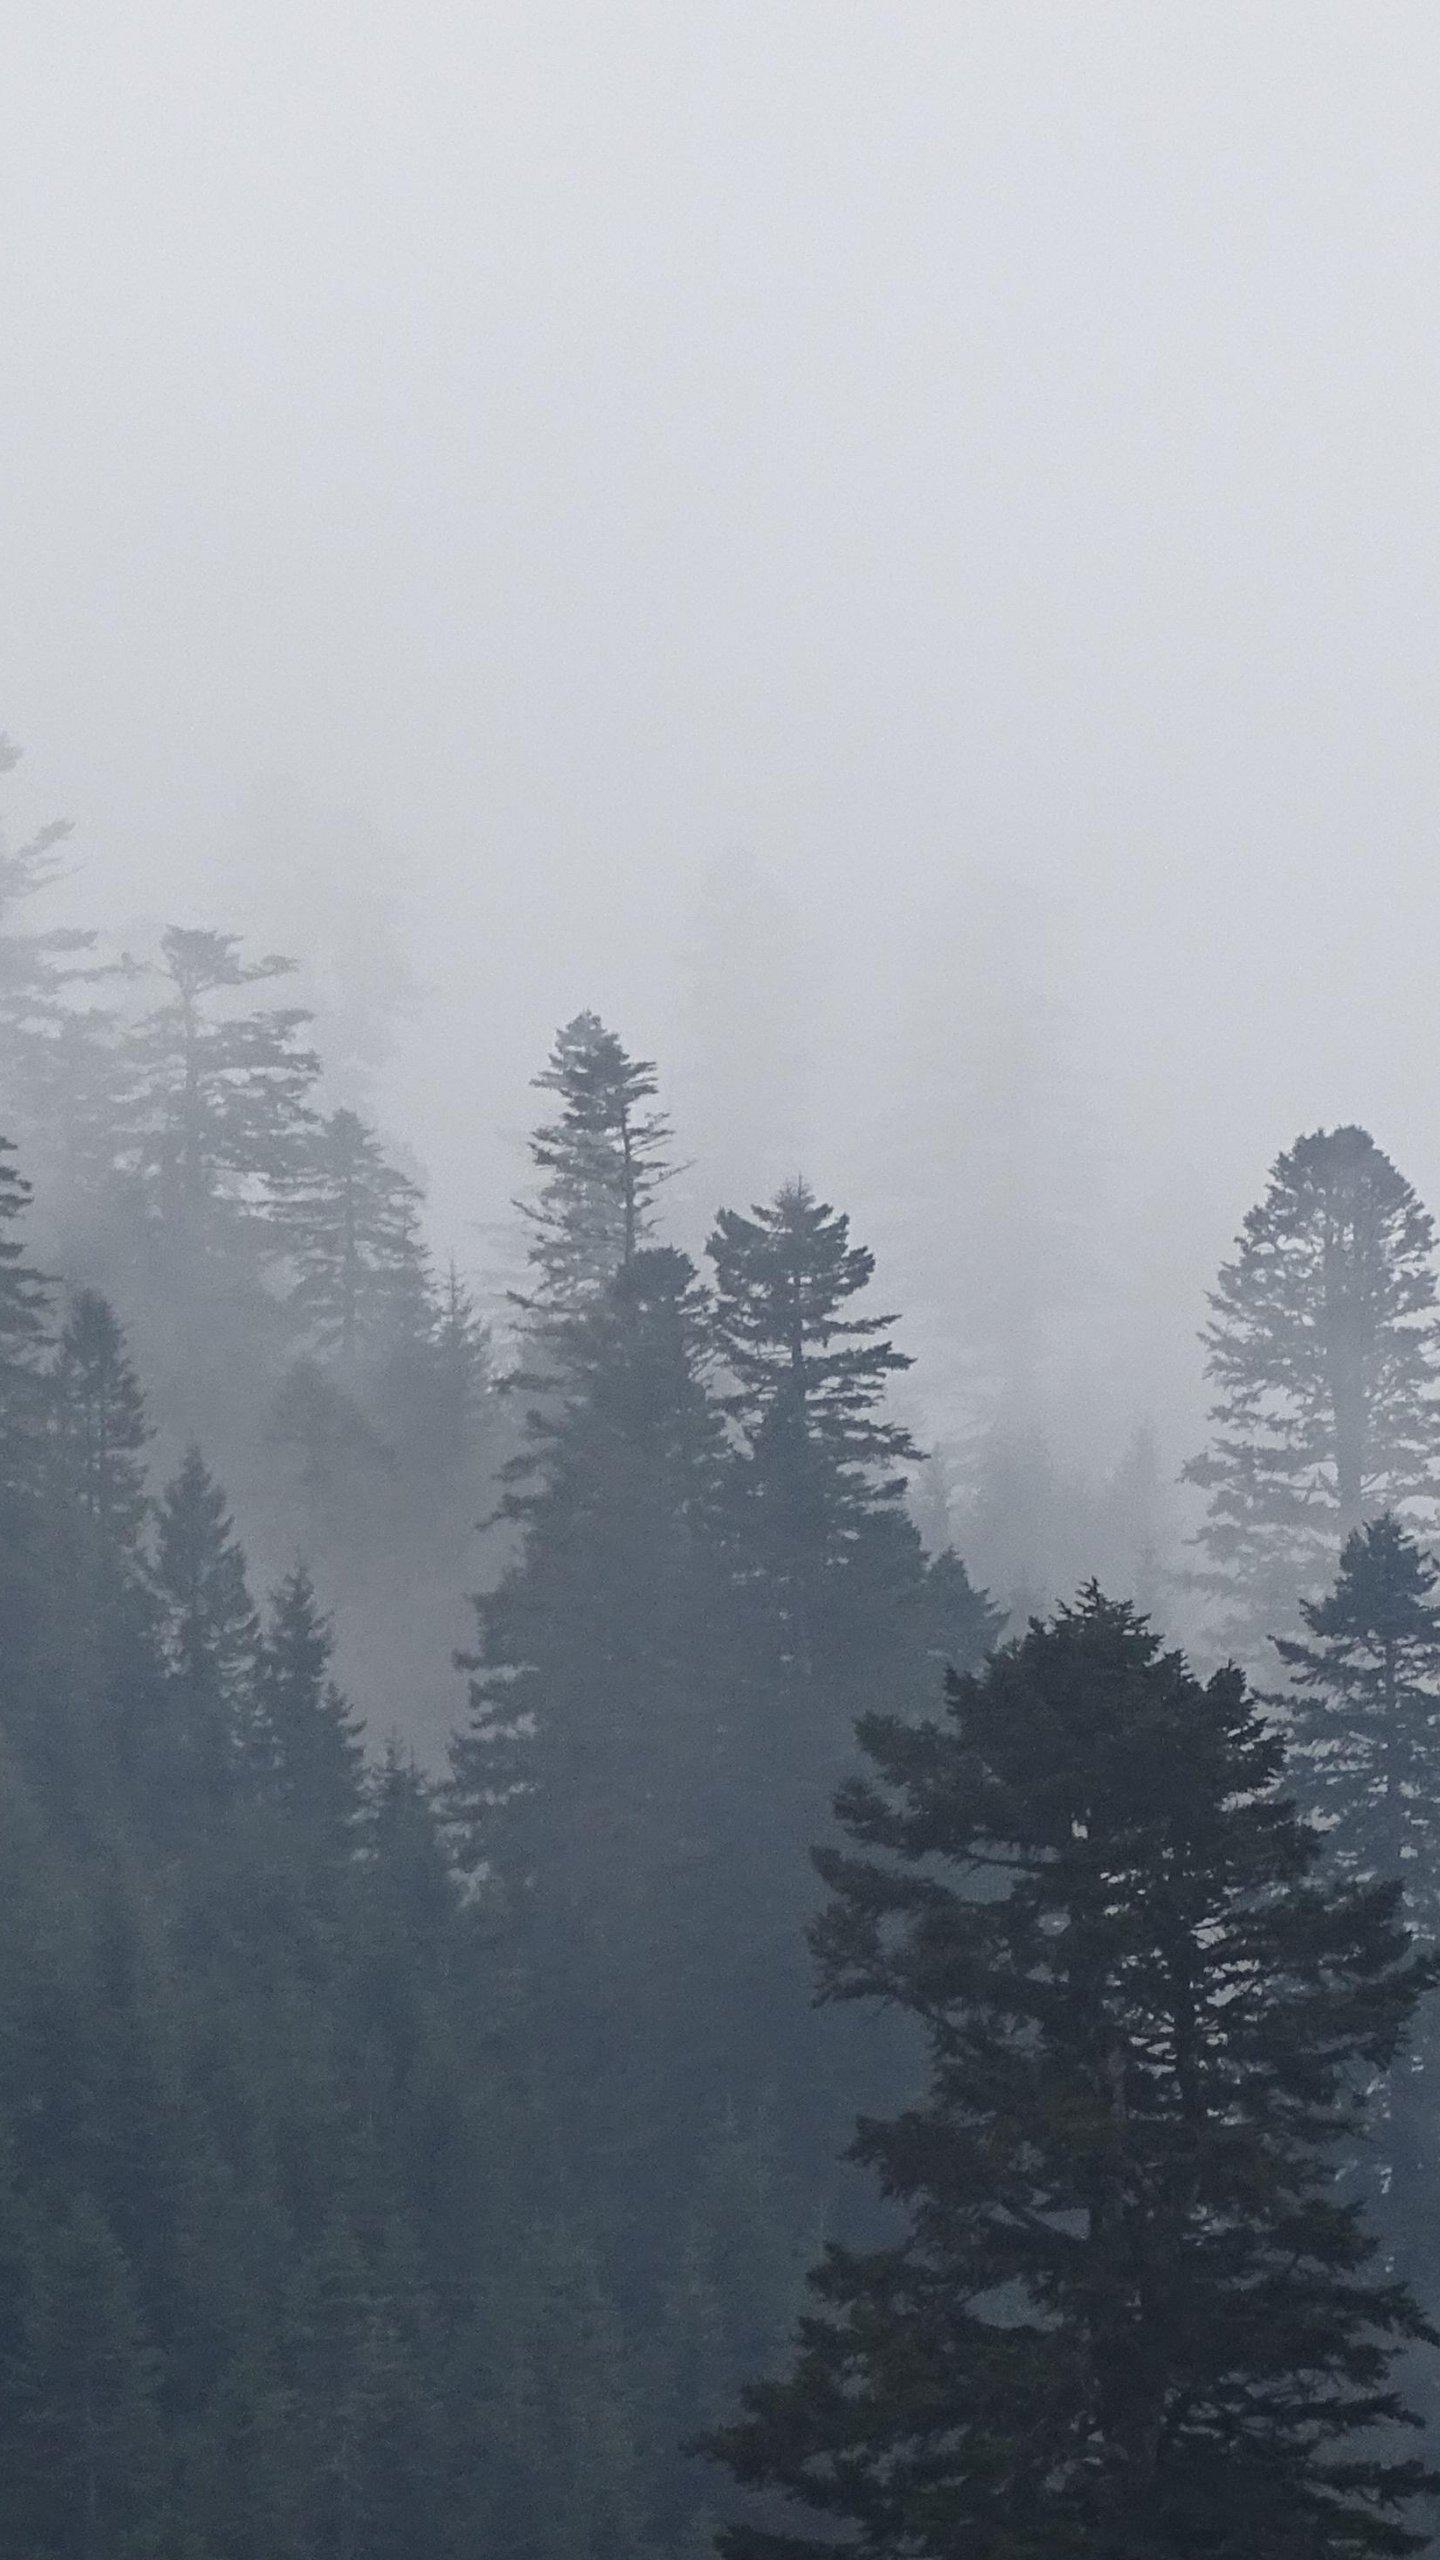 Aesthetic Foggy Forest Wallpaper : aesthetic, foggy, forest, wallpaper, Aesthetic, Foggy, Forest, Wallpapers, Wallpaper